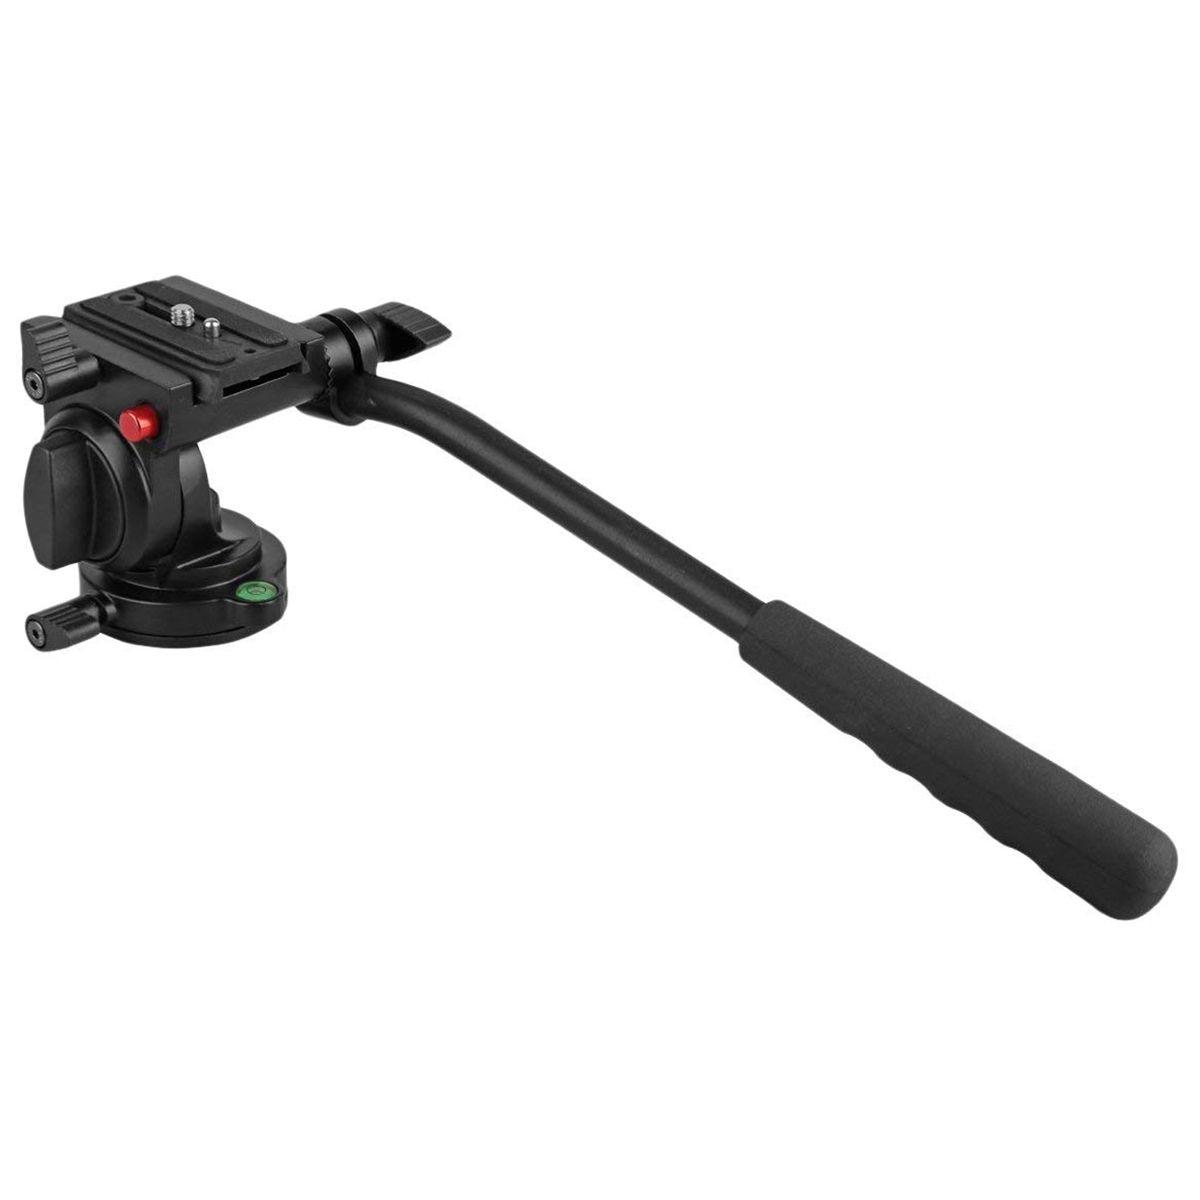 KINGJOY KH-6750 Flexible Trépied D'appareil Photo En Aluminium Tête Vidéo Fluide Trépied Tête d'impression pour Canon, nikon et Autres Caméras DSLR avec 1/4